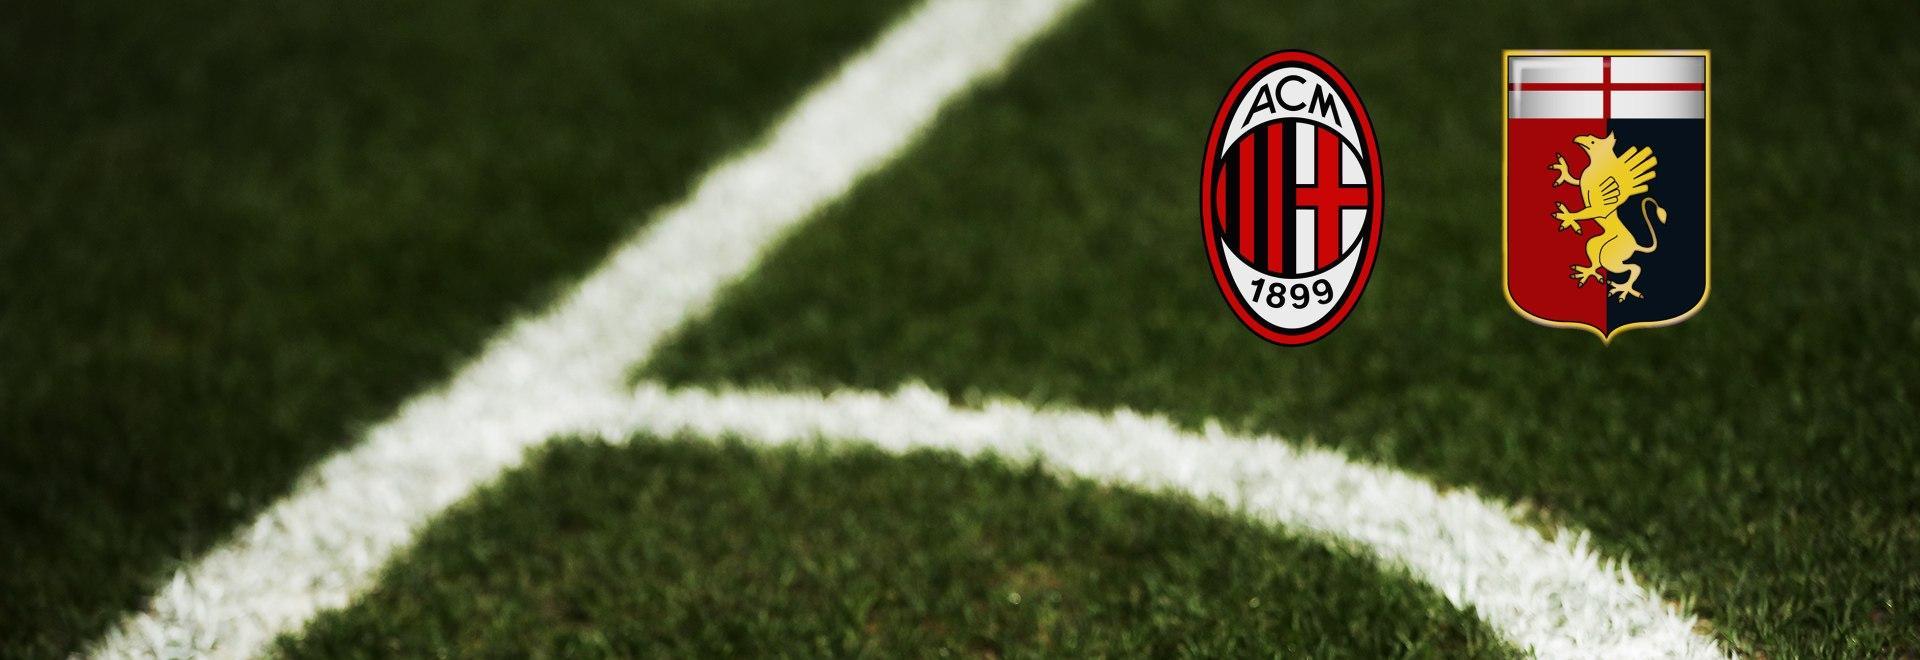 Milan - Genoa. 26a g.